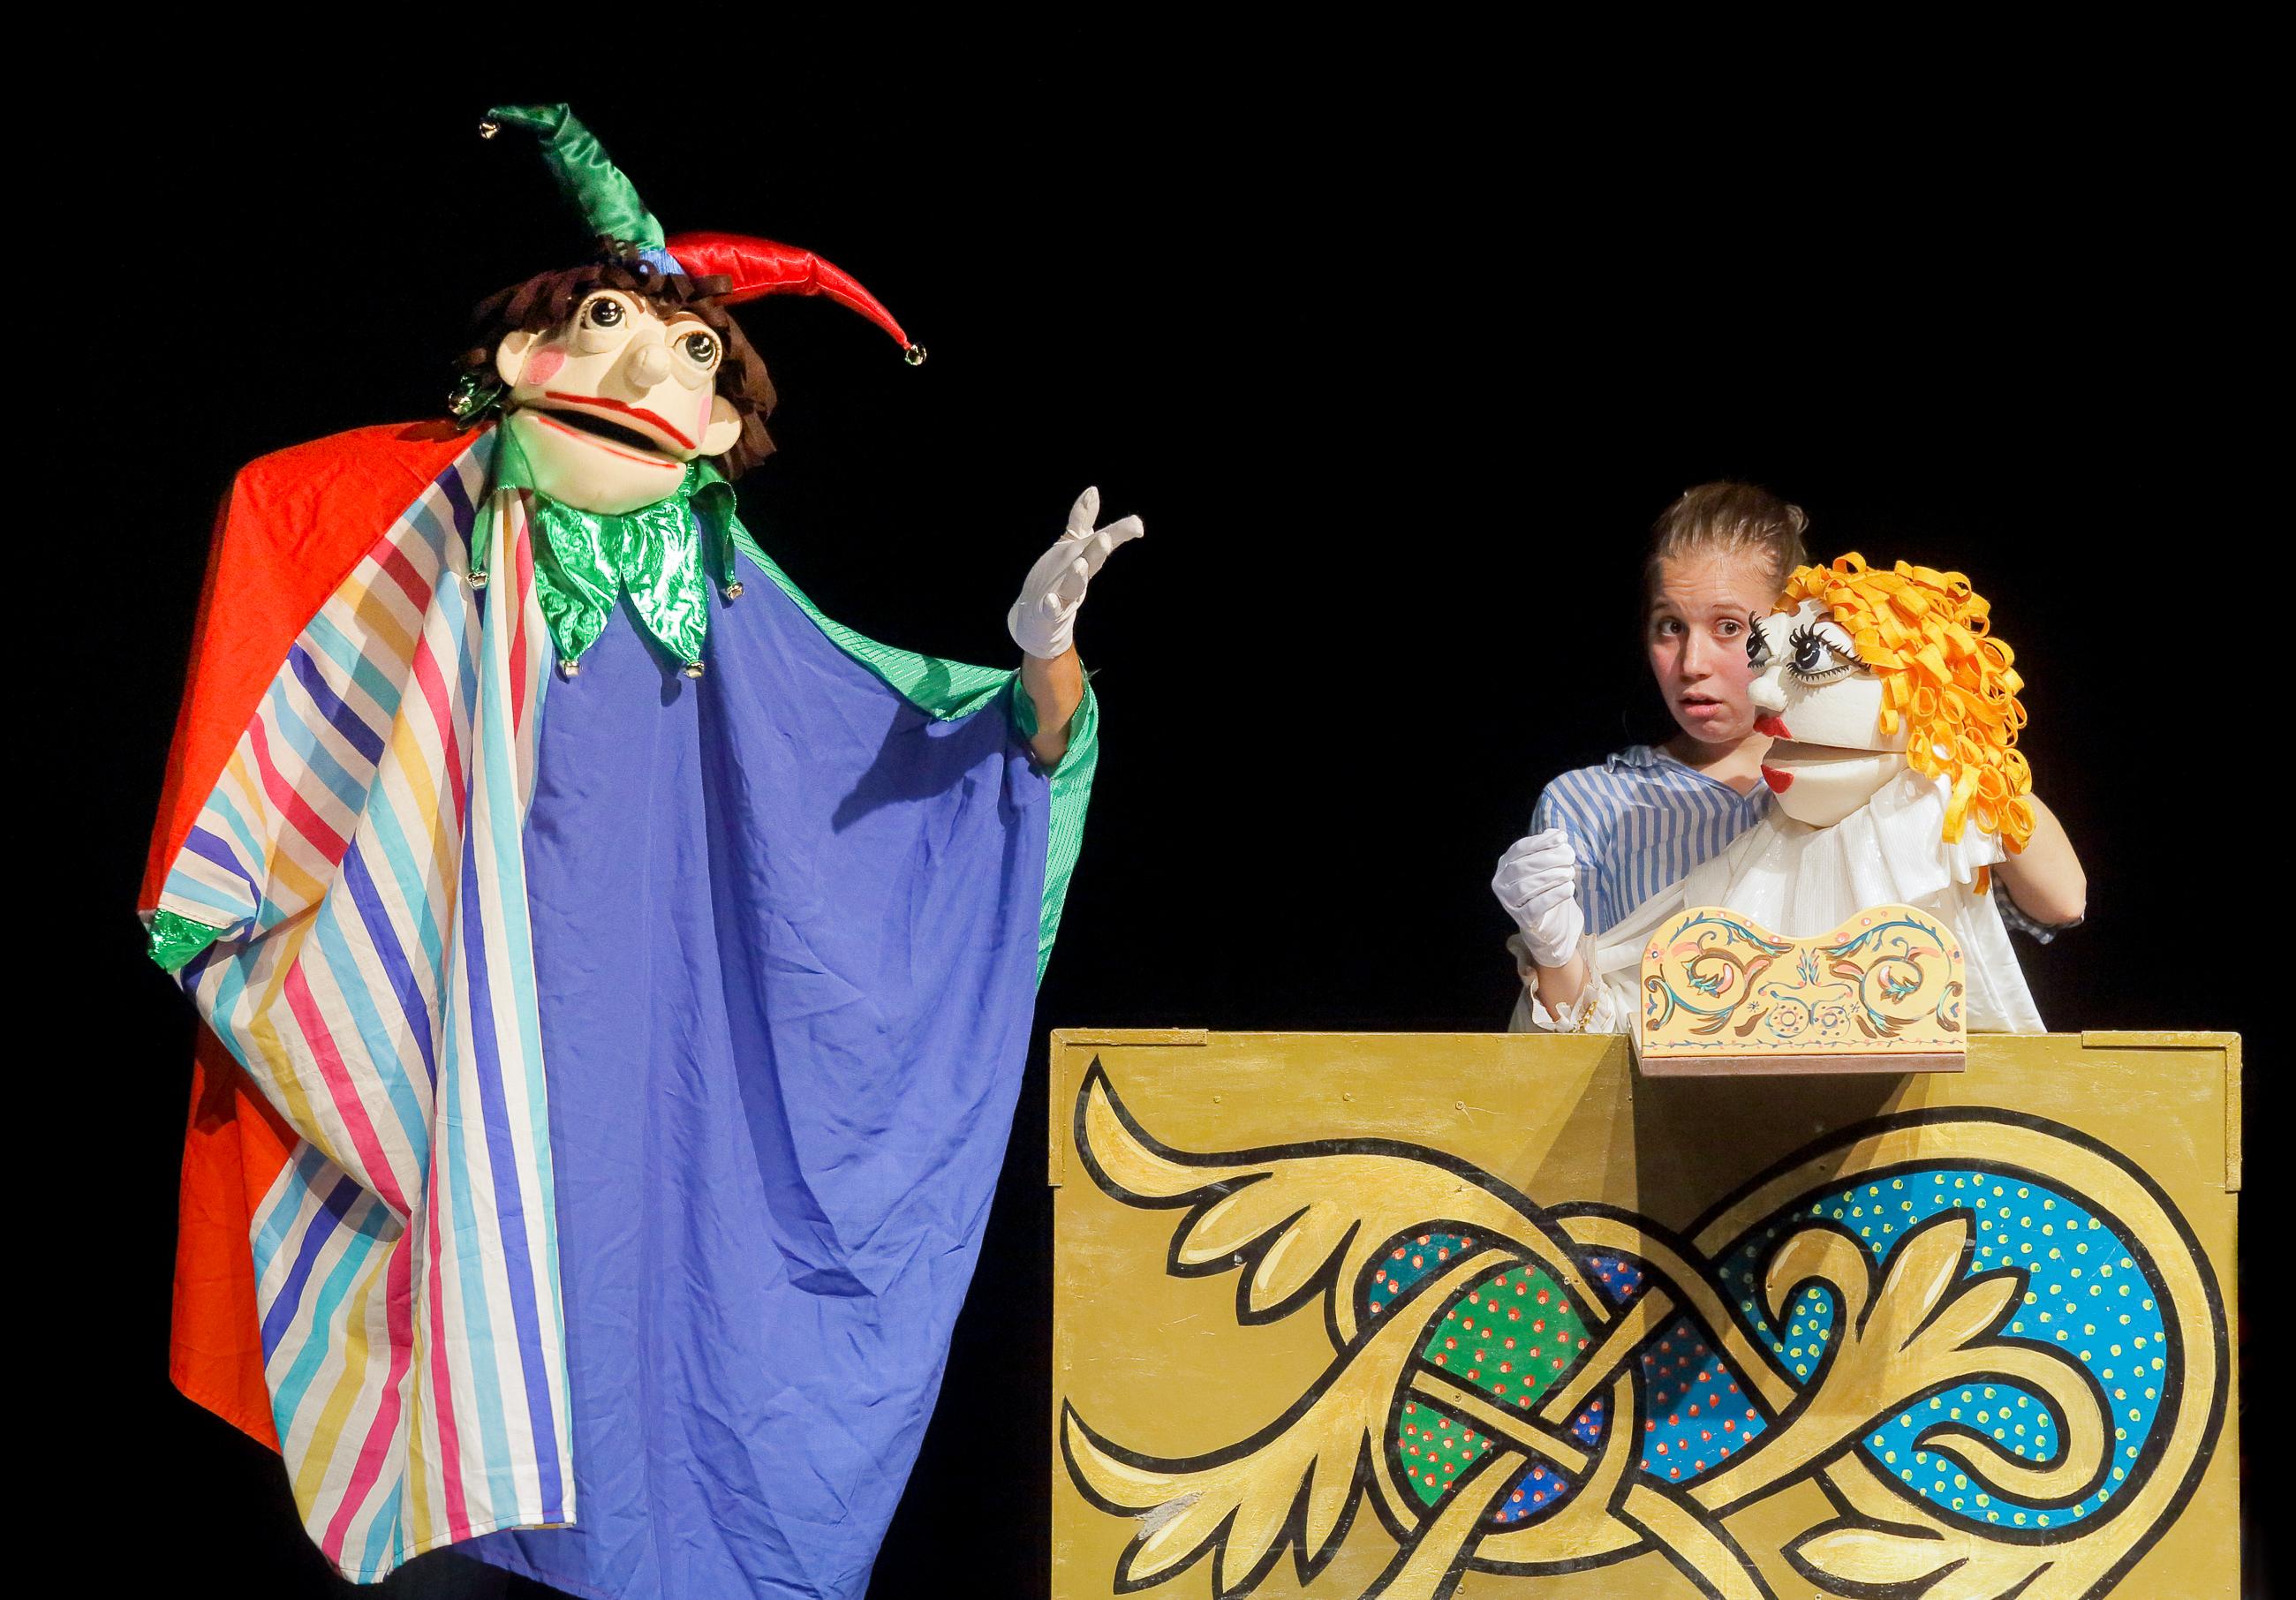 Kazalište Mala scena slavi 30. rođendan